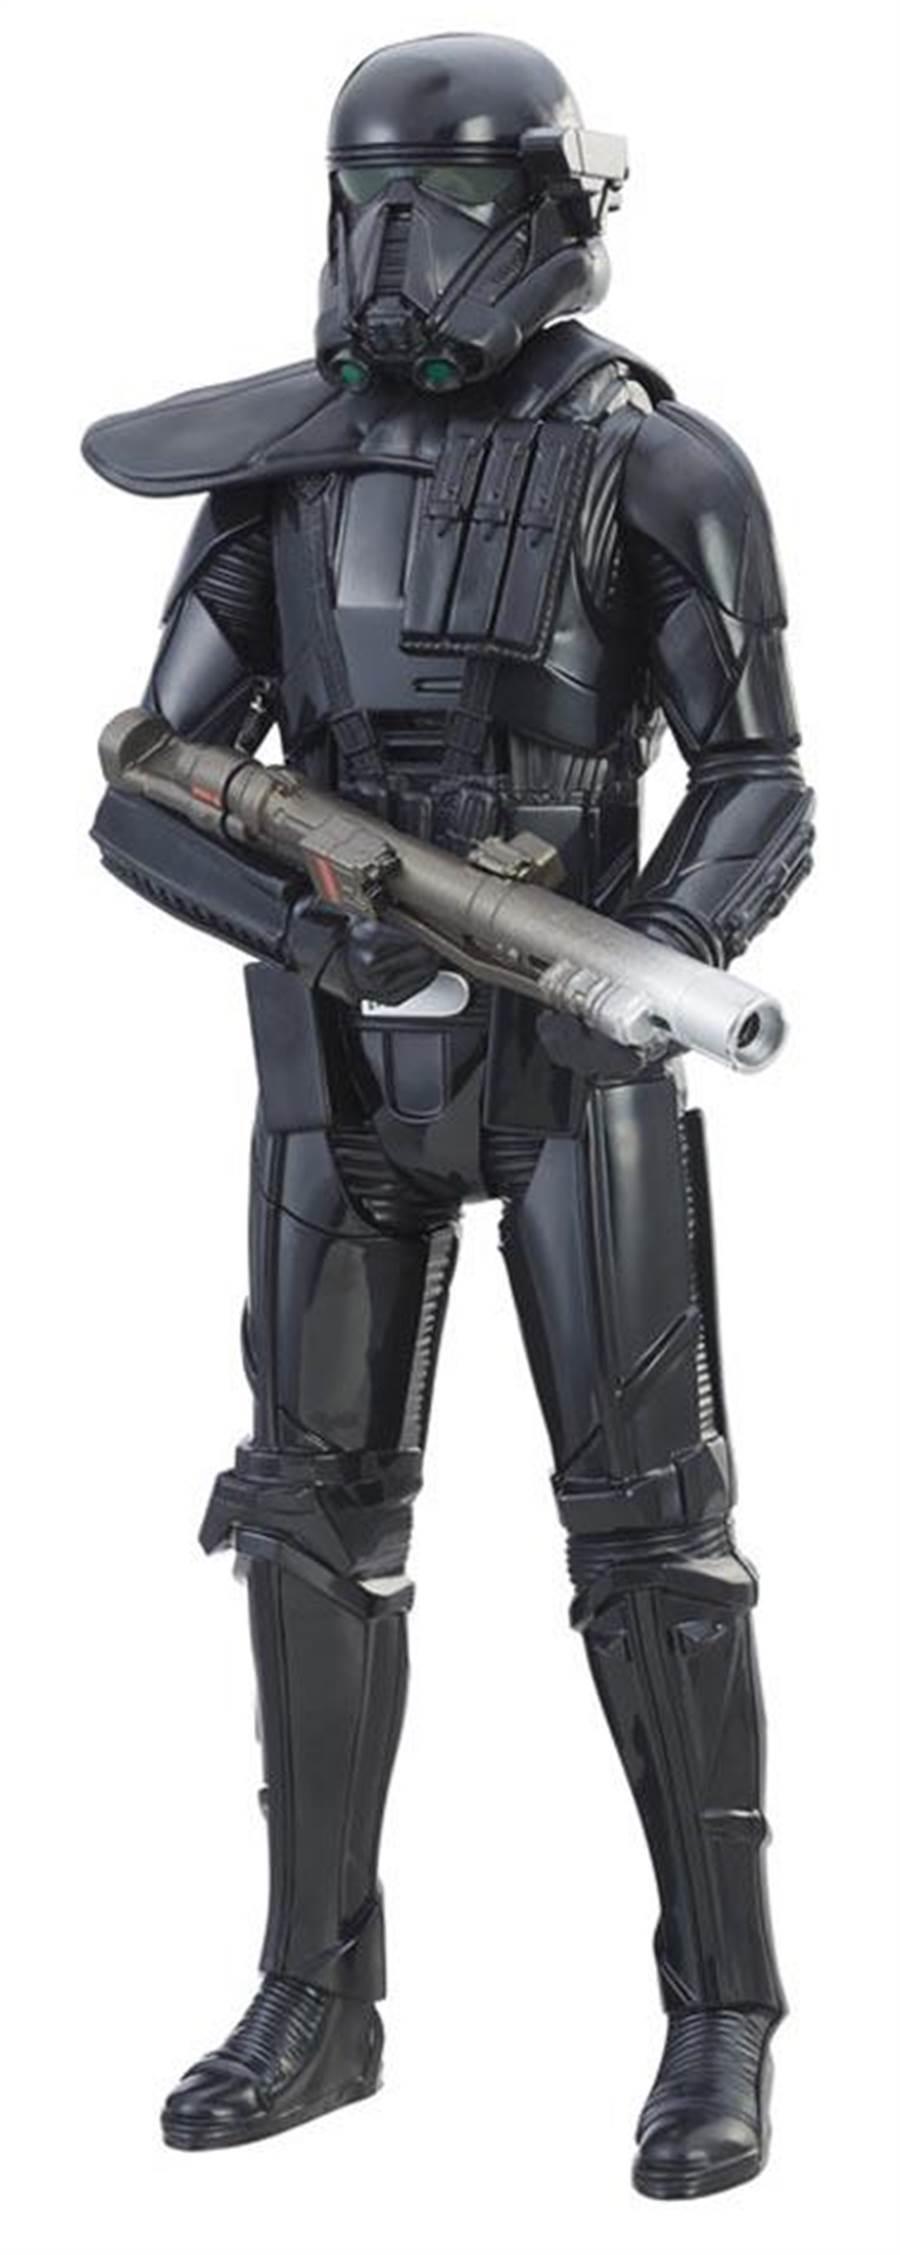 家樂福依照星戰人物打造的星際大戰8至12吋電子泰坦英雄人物,979元。(家樂福提供)